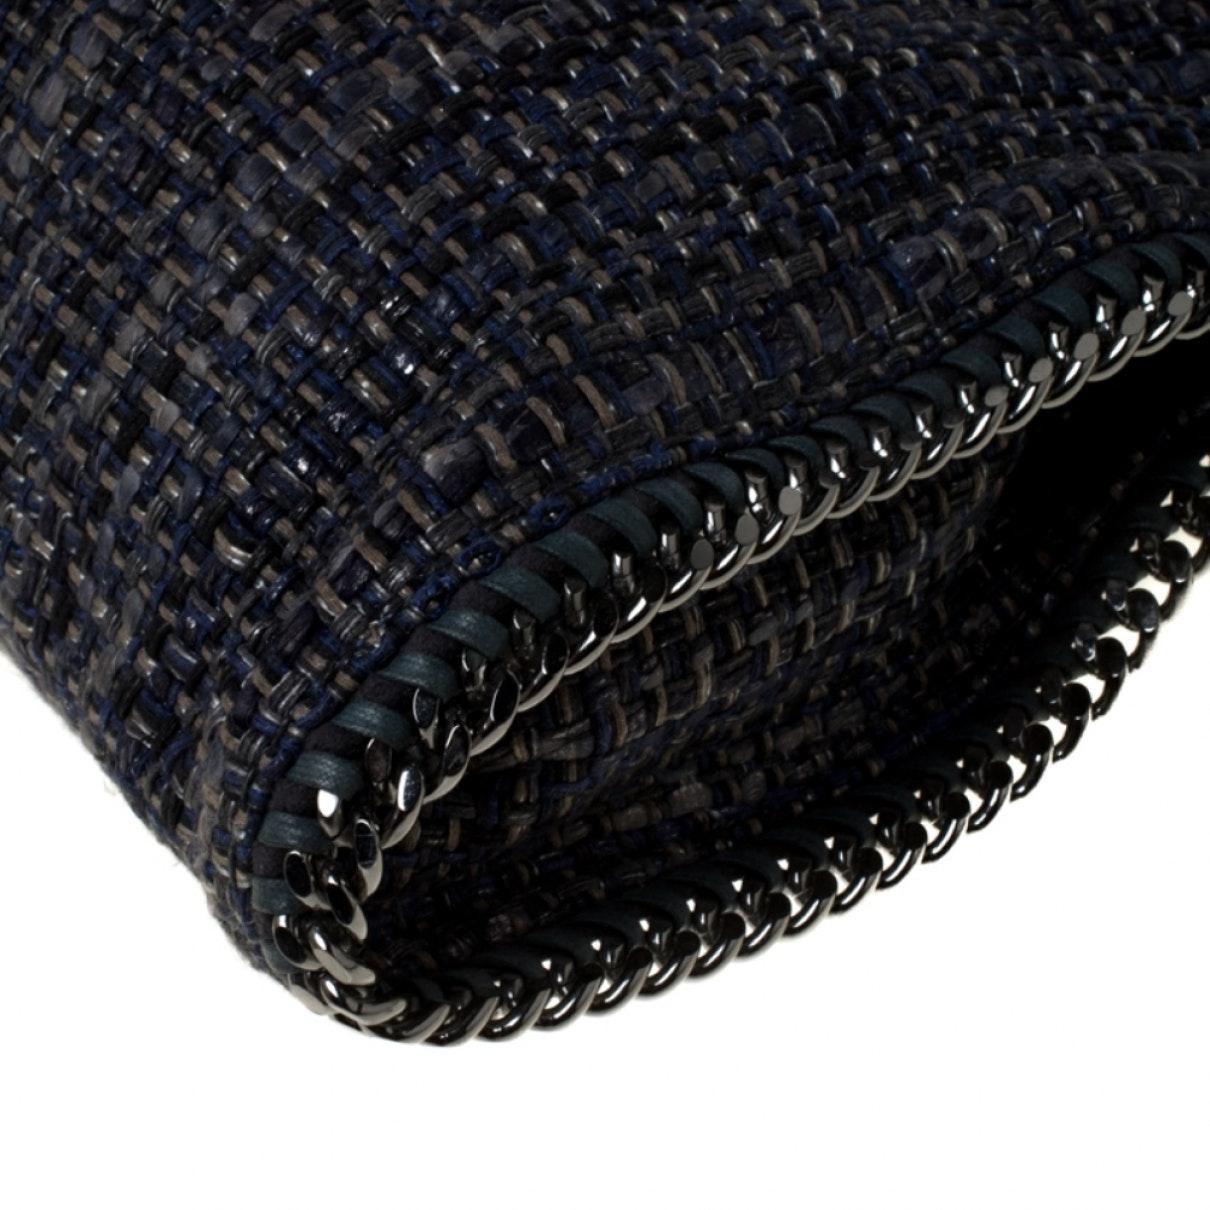 Sac à main Falabella en Toile Bleu Stella McCartney en coloris Noir HYzF